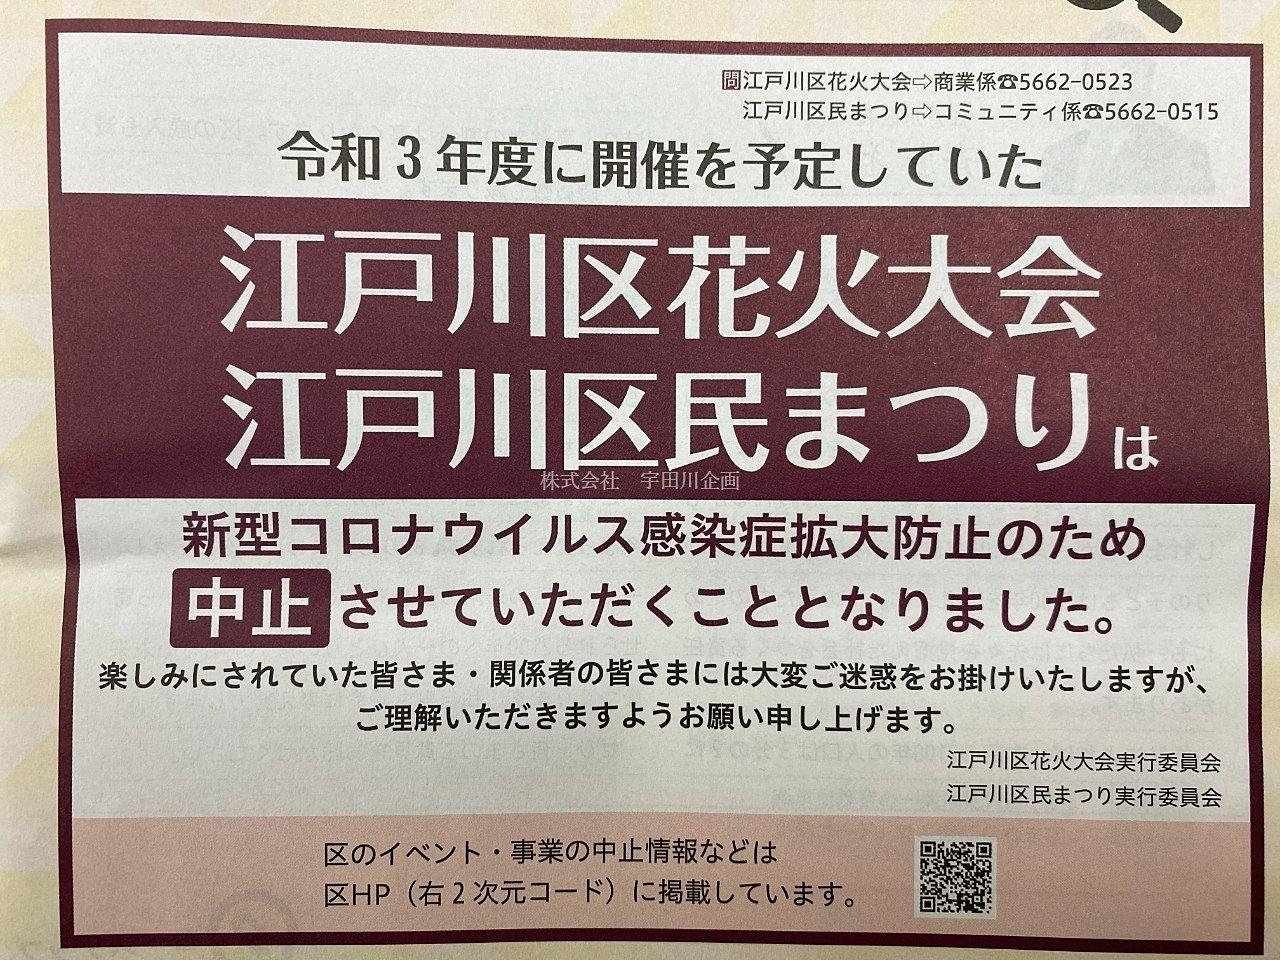 江戸川区イベント中止のお知らせ